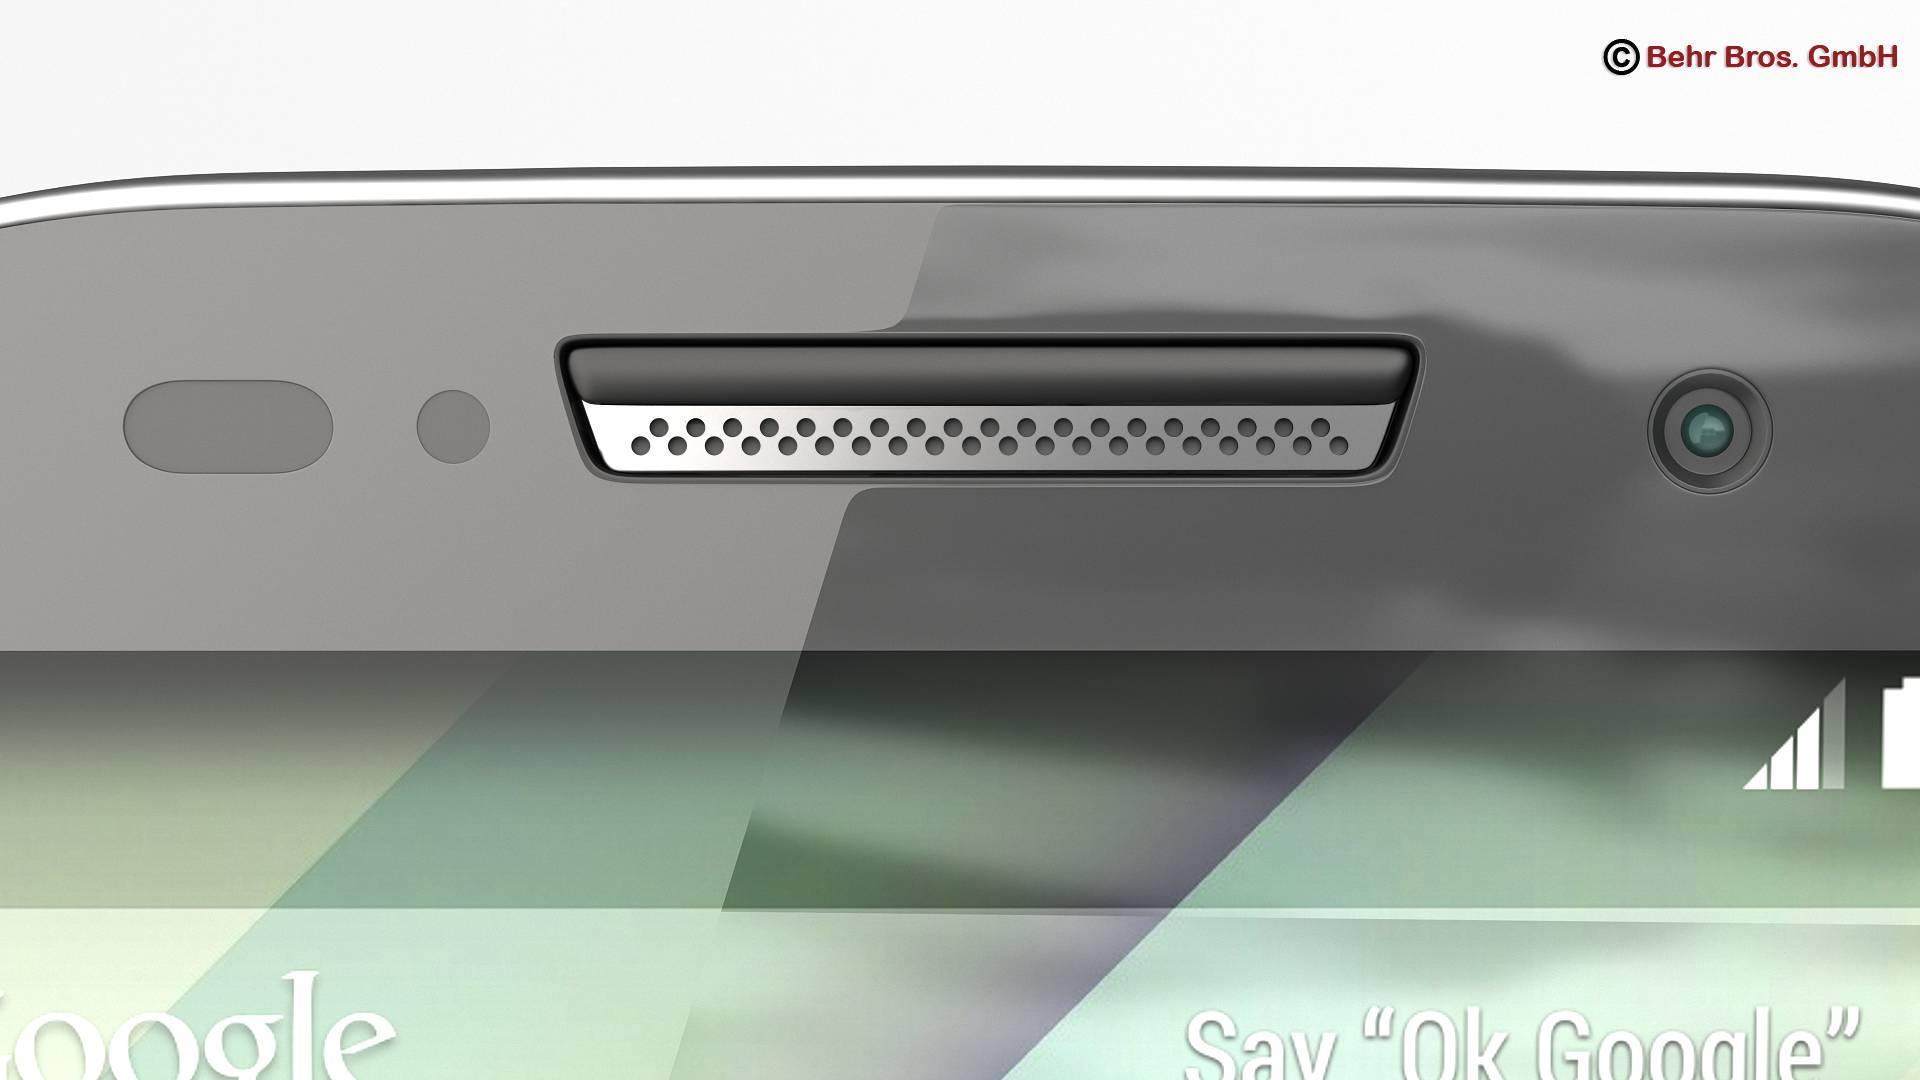 vispārējs viedtālrunis 4 collas 3d modelis 3ds max fbx c4d lwo ma mb obj 161631